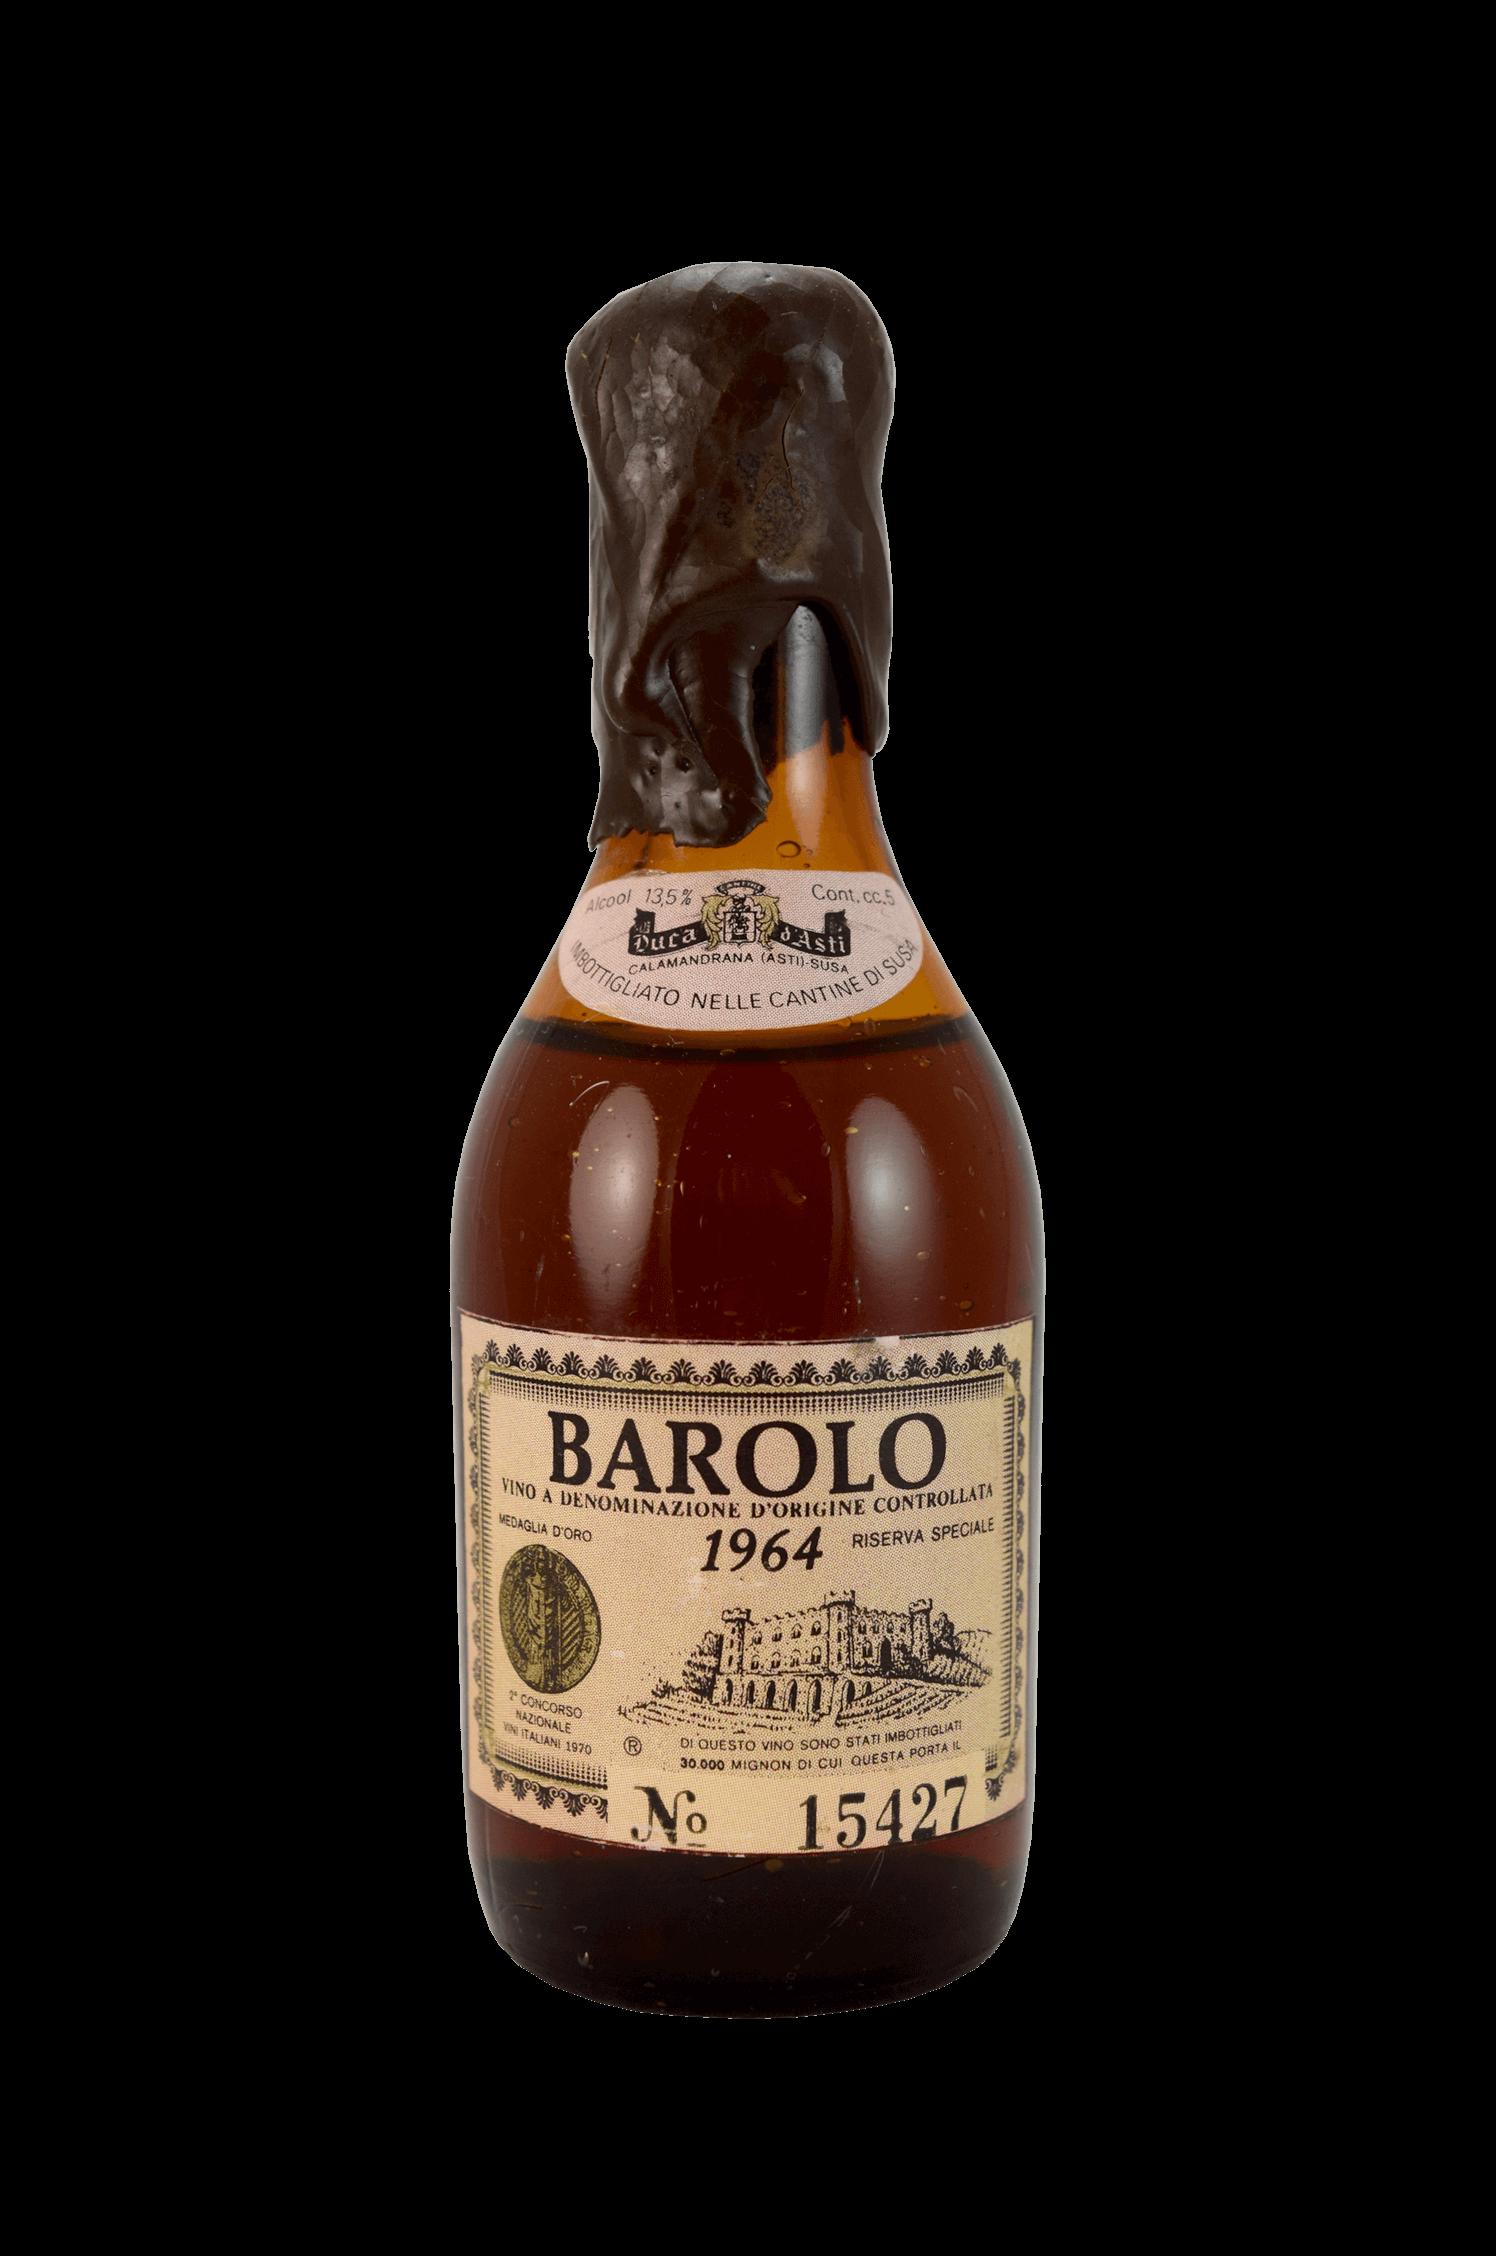 Barolo 1964